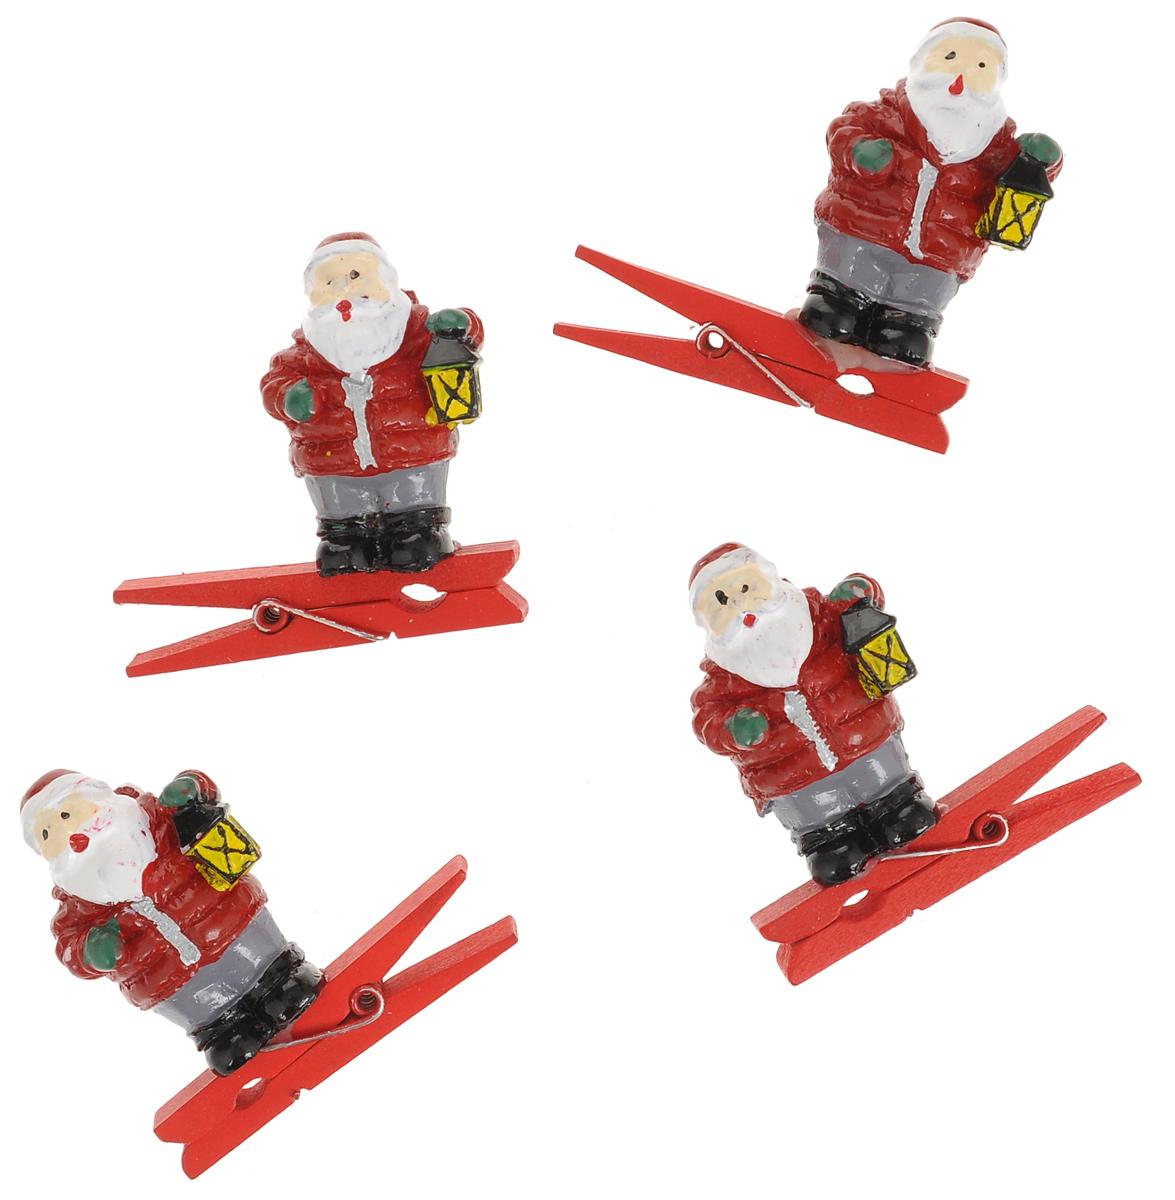 Новогодняя прищепка Феникс-презент Дед Мороз с фонарем, 4 шт38478Новогодние прищепки Феникс-презент Дед Мороз с фонарем выполнены из древесины березы и украшены веселыми фигурками из полирезины. Изделия используются для развешивания стикеров на веревке и маленьких игрушек, также прекрасно подойдут для декора новогодней ели. Оригинальность и веселые цвета прищепок будут радовать глаз и создадут праздничное настроение в преддверии Нового года. Размер фигурки: 2,5 см х 2 см х 4 см.